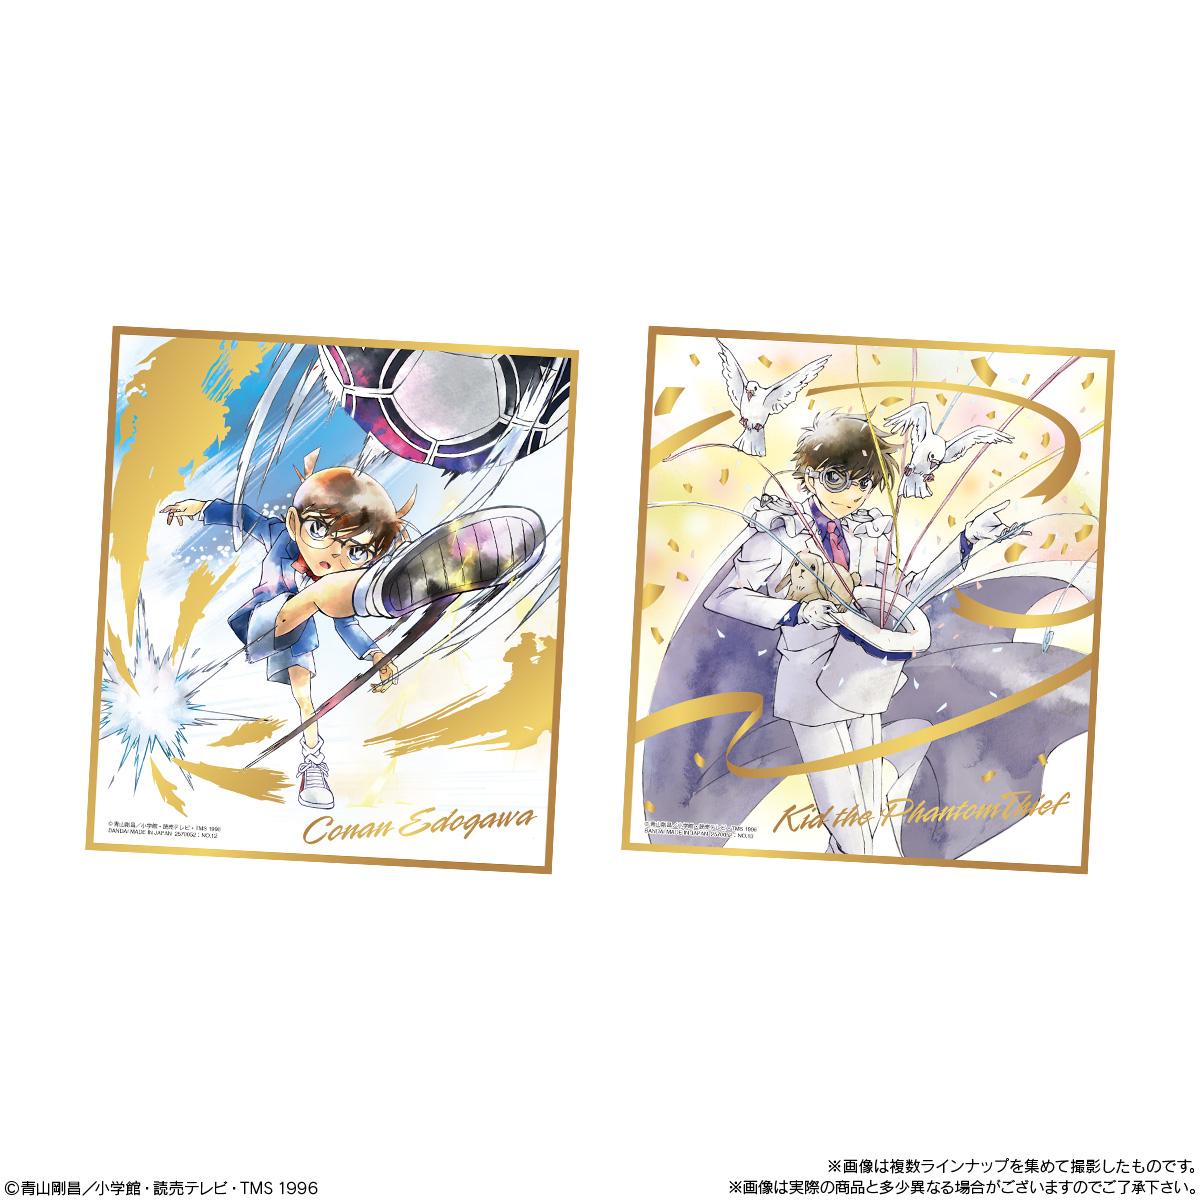 【食玩】『名探偵コナン色紙ART6』10個入りBOX-005